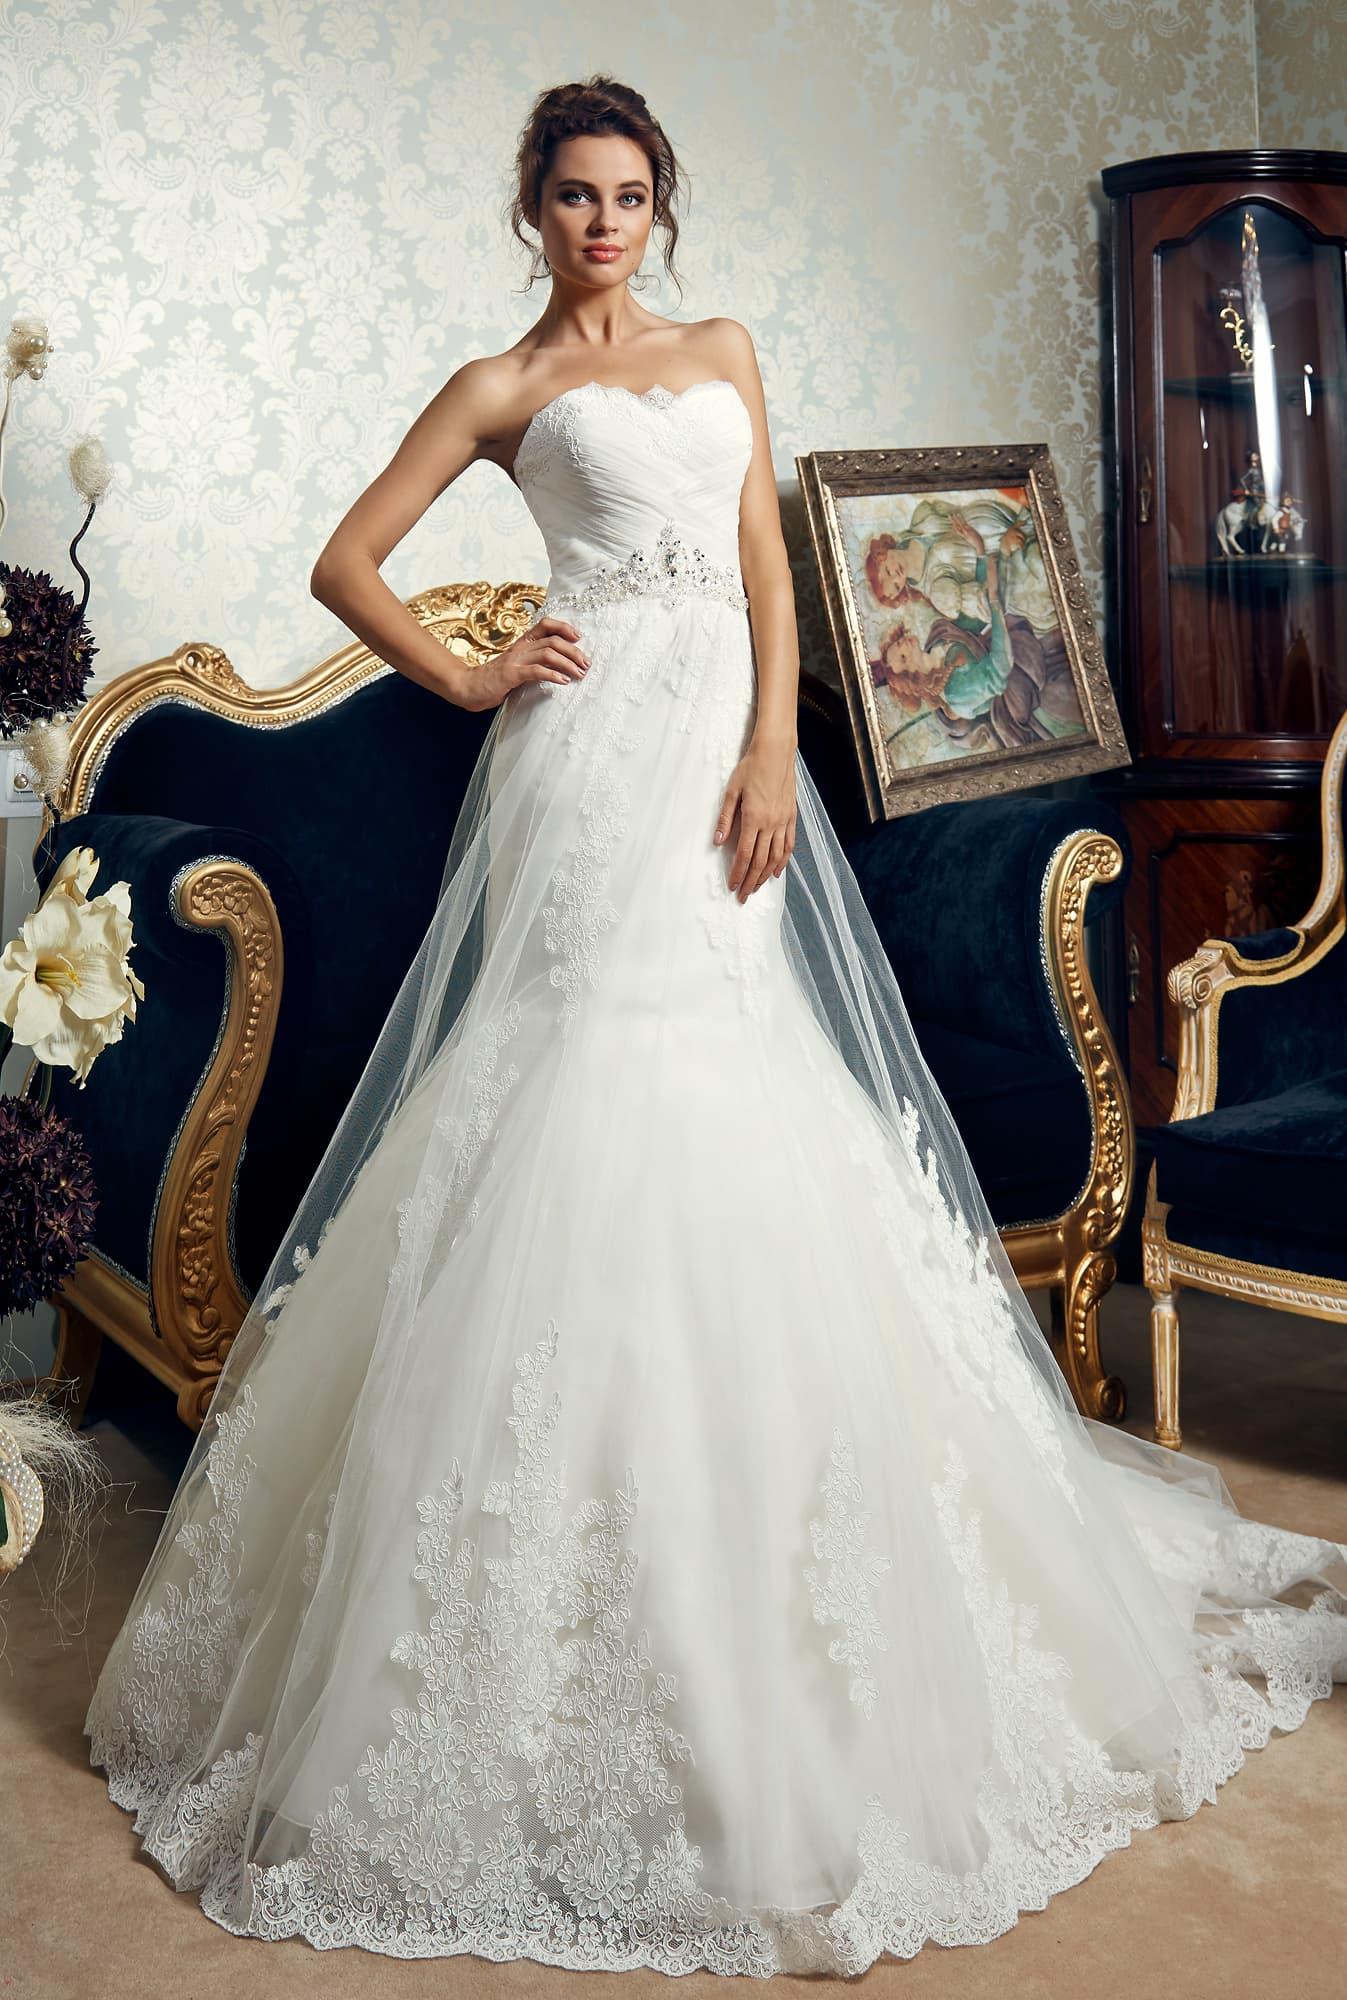 f914c03a4d6a8a9 Эконом класс свадебные платья киров - Модадром